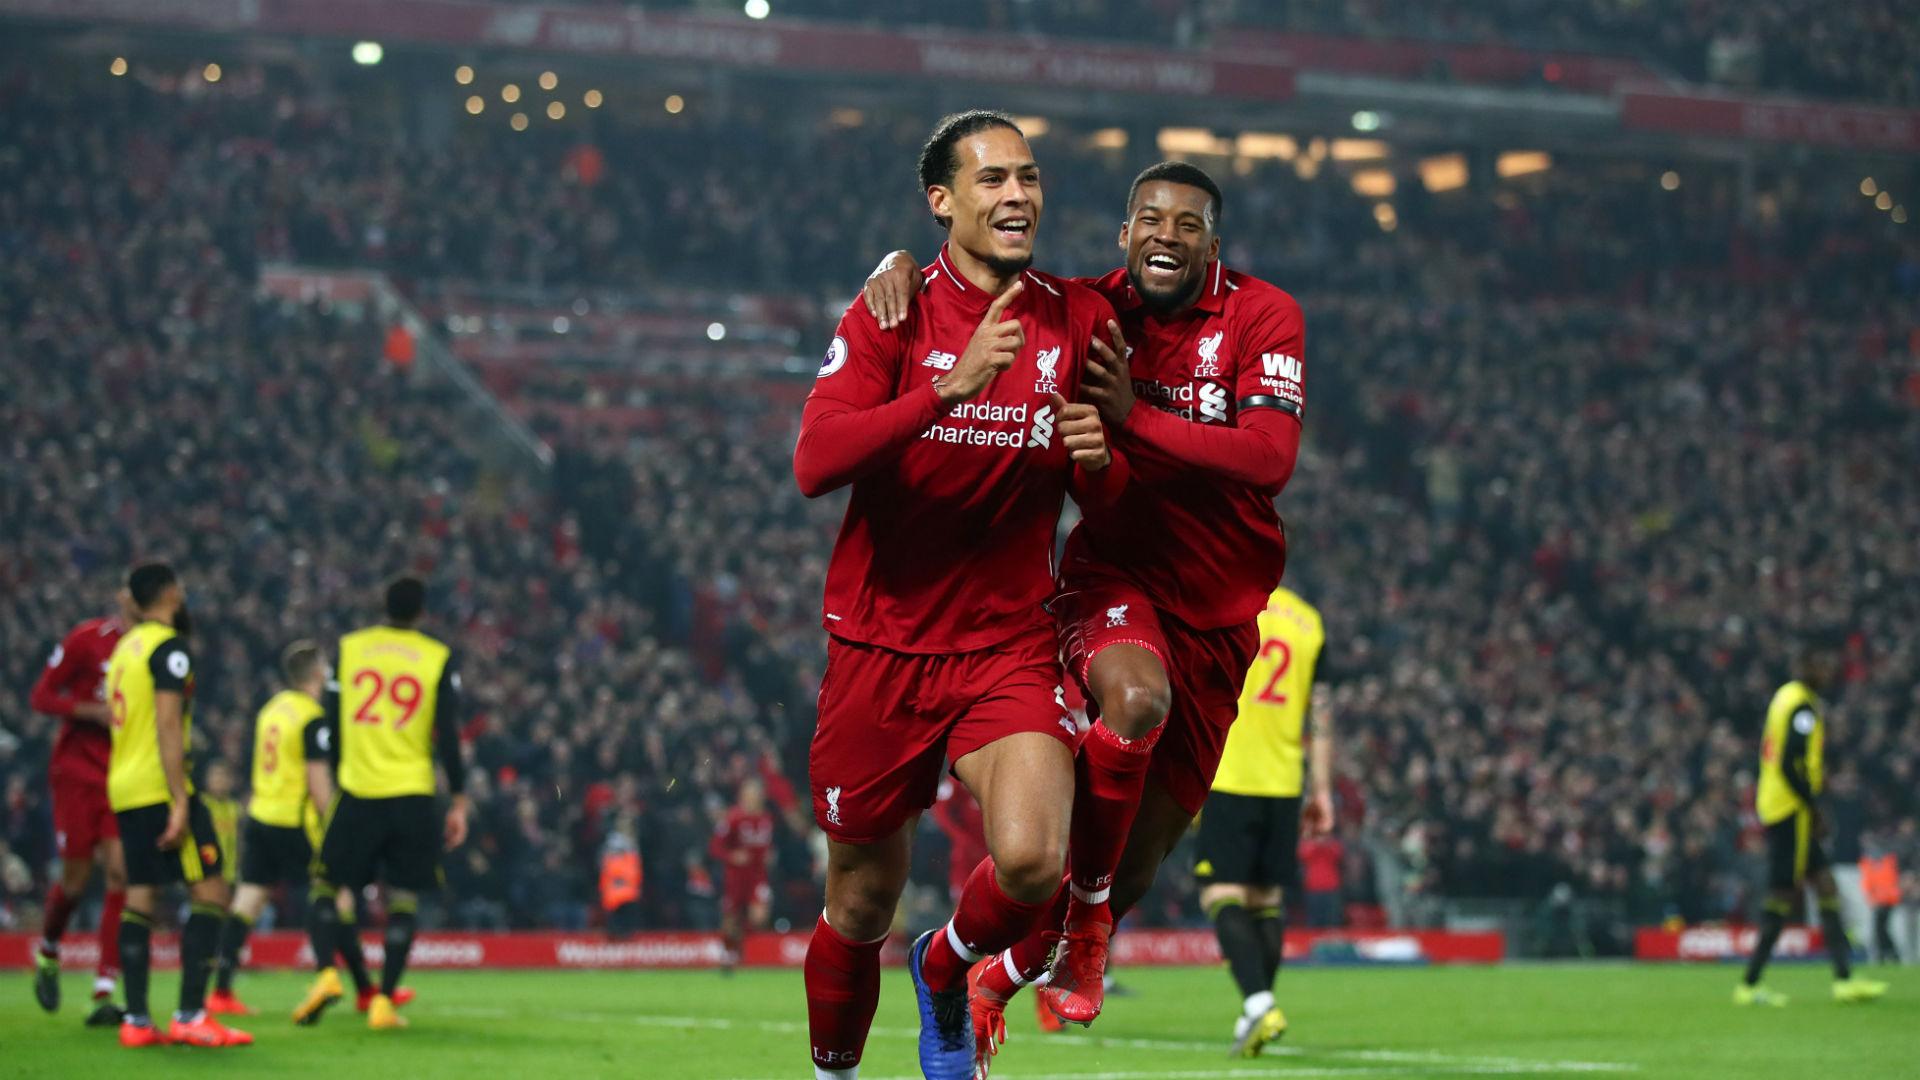 Virgil van Dijk Gini Wijnaldum Liverpool 2019